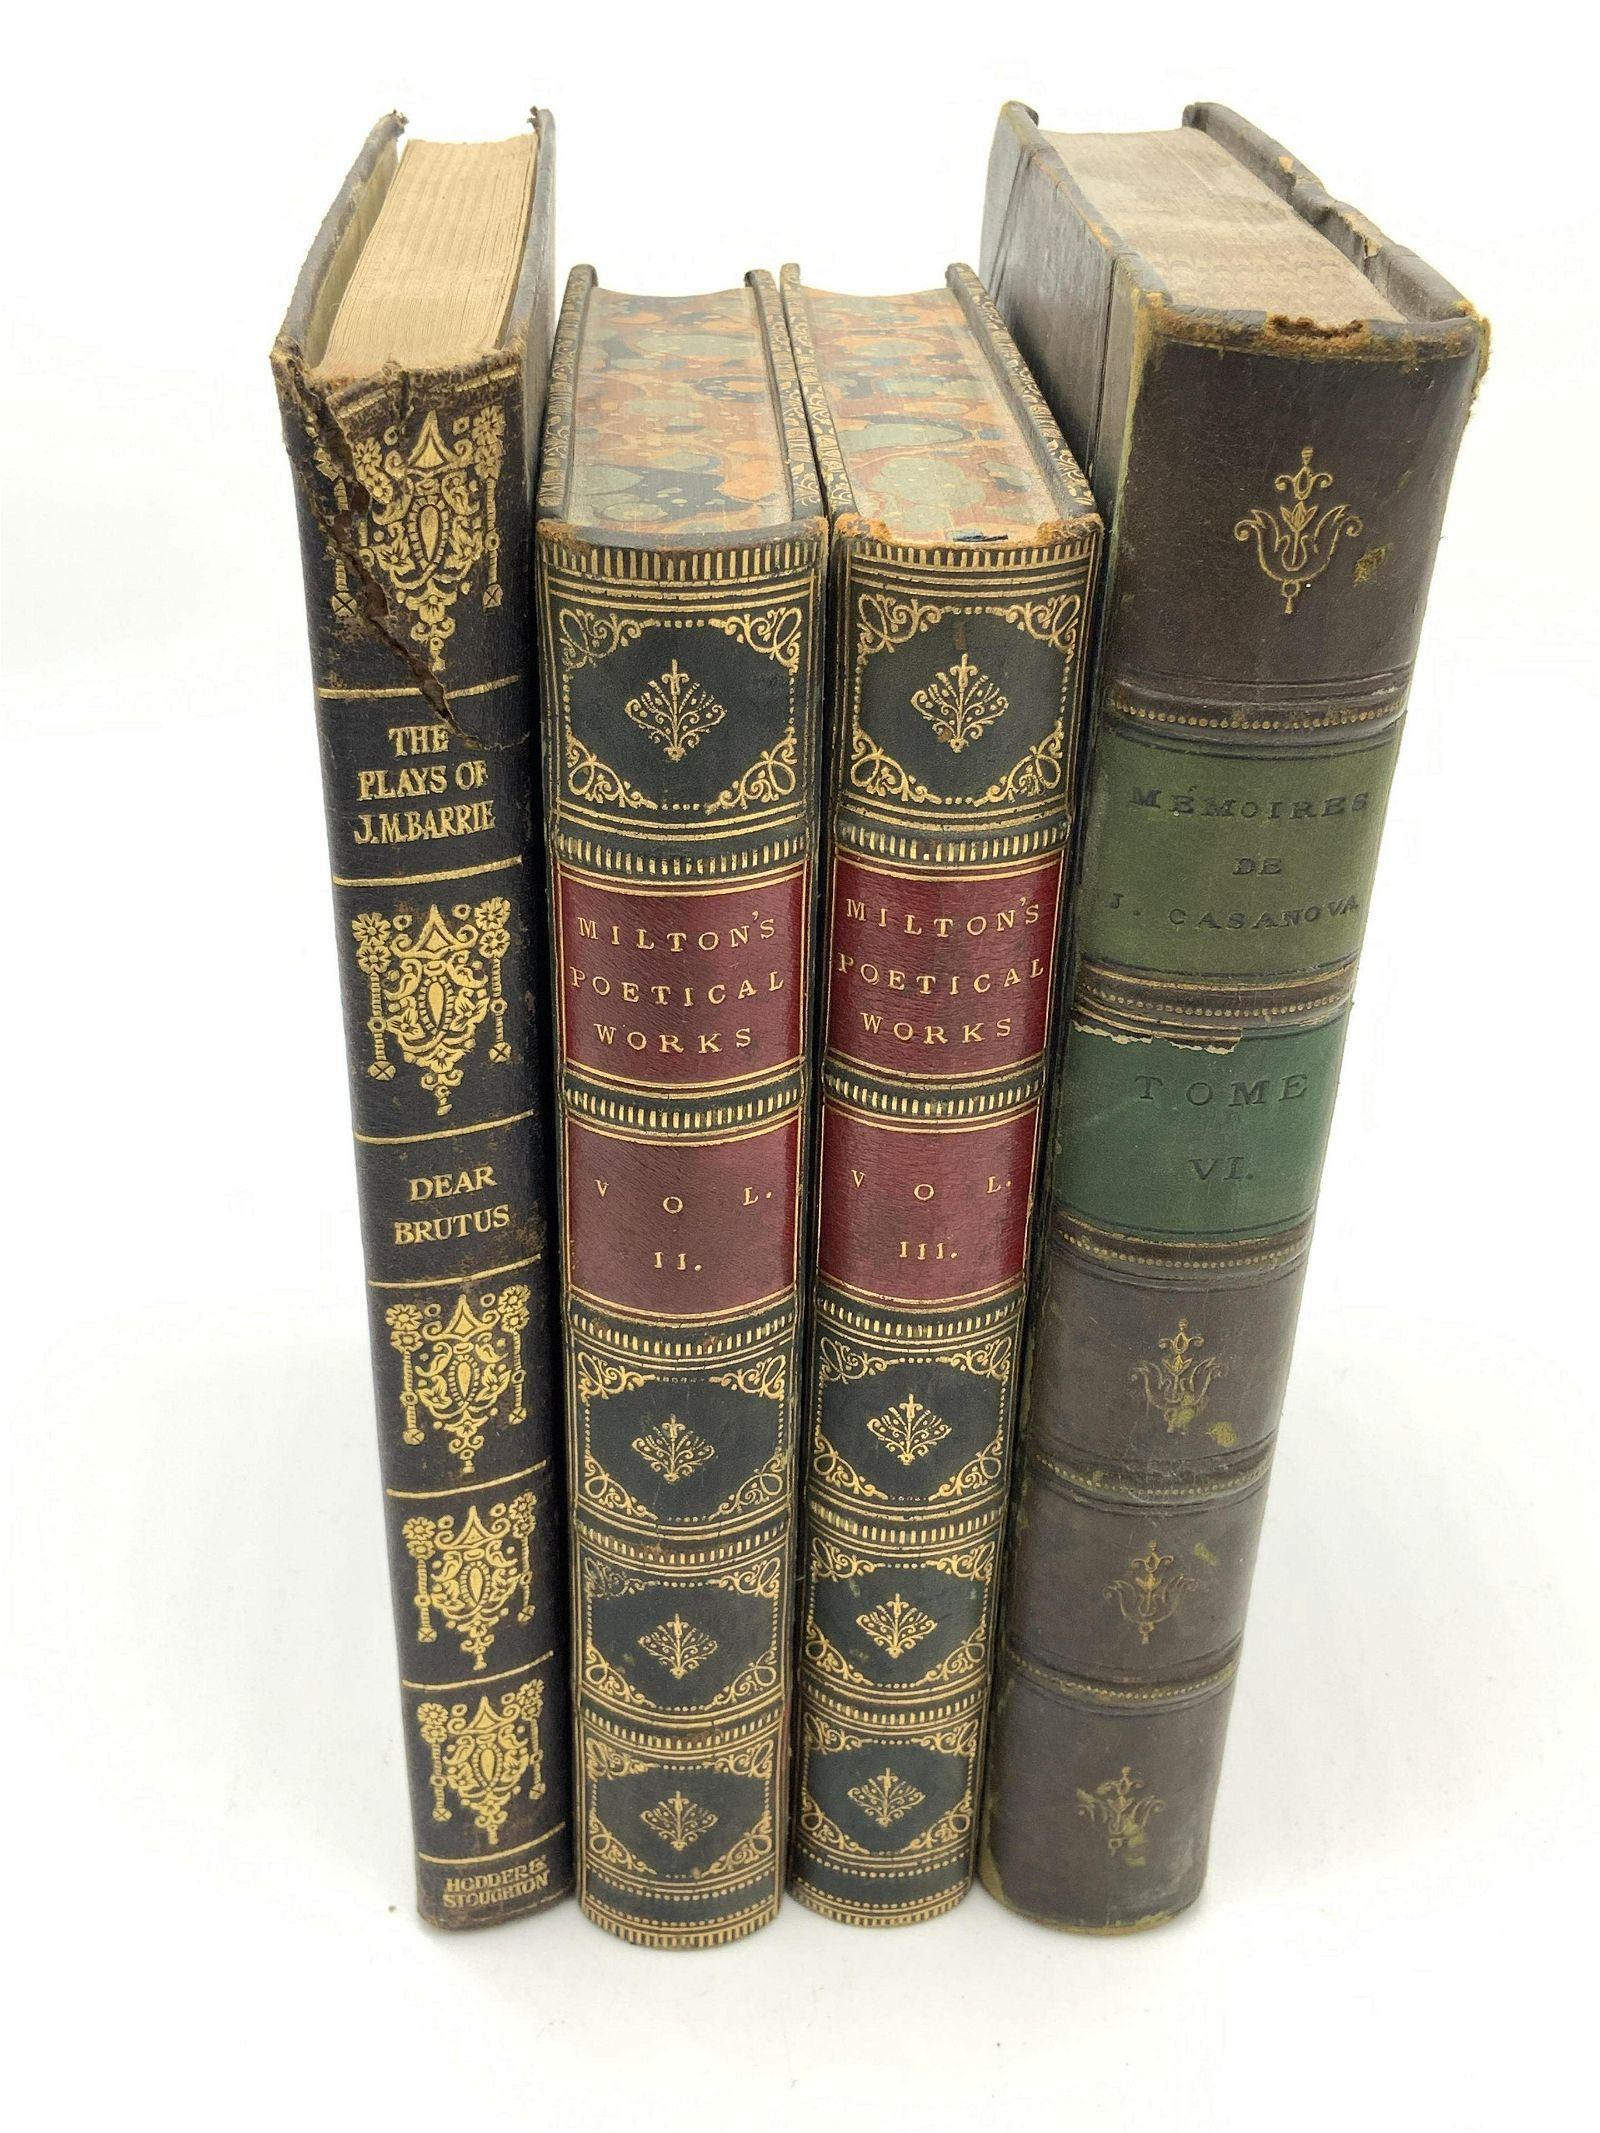 Group Lot 4 Vintage & Antique Books